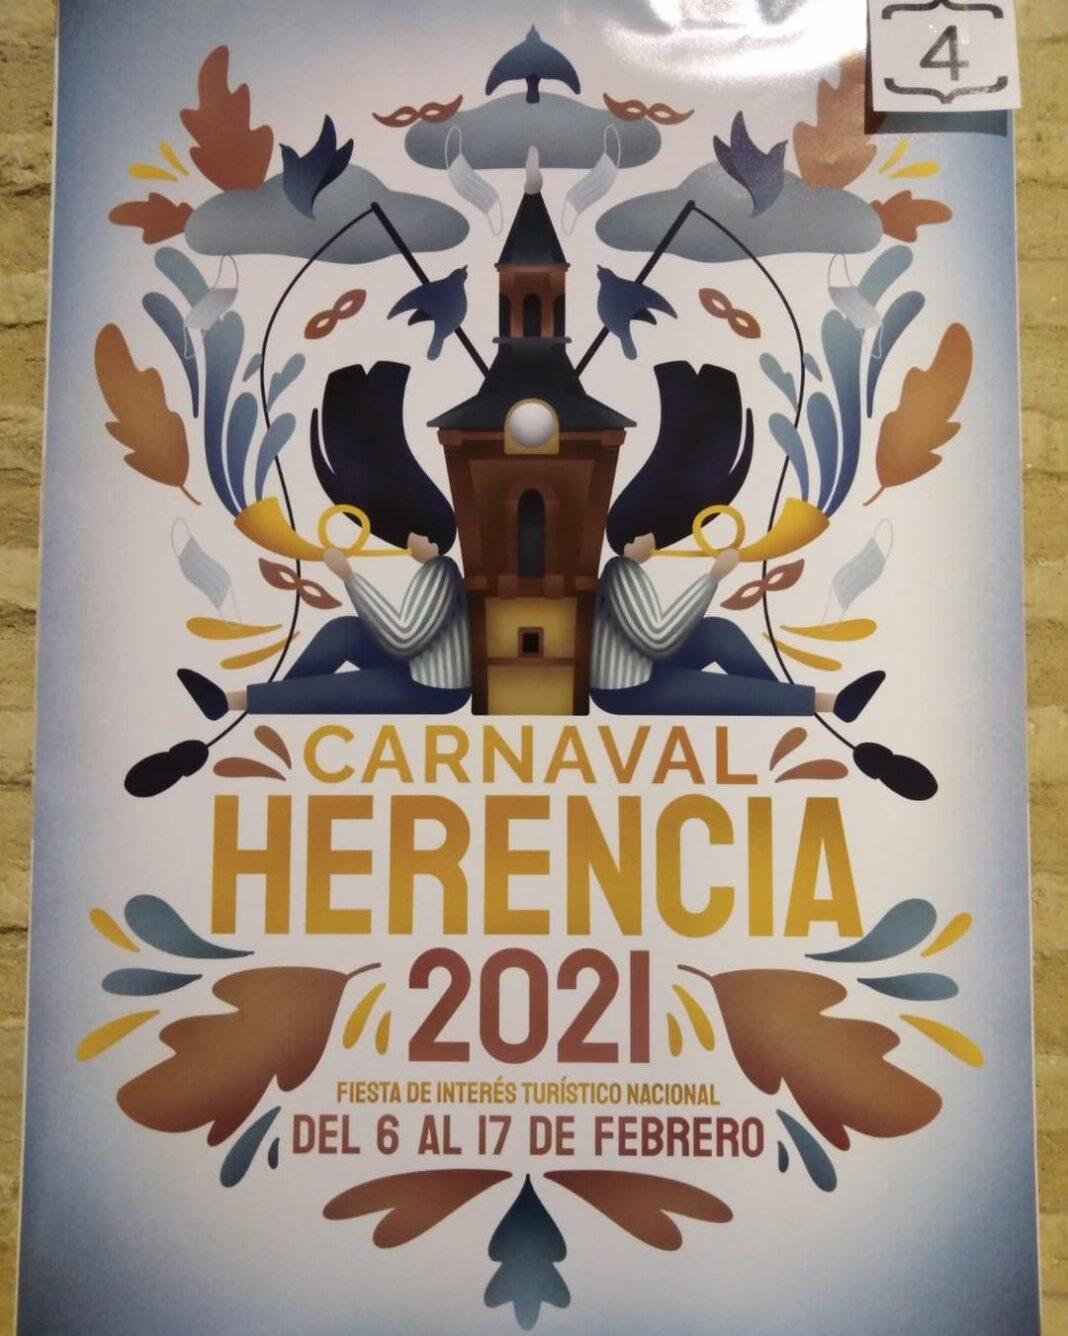 El Carnaval de Herencia se celebrará en la casa de cada herenciano 4